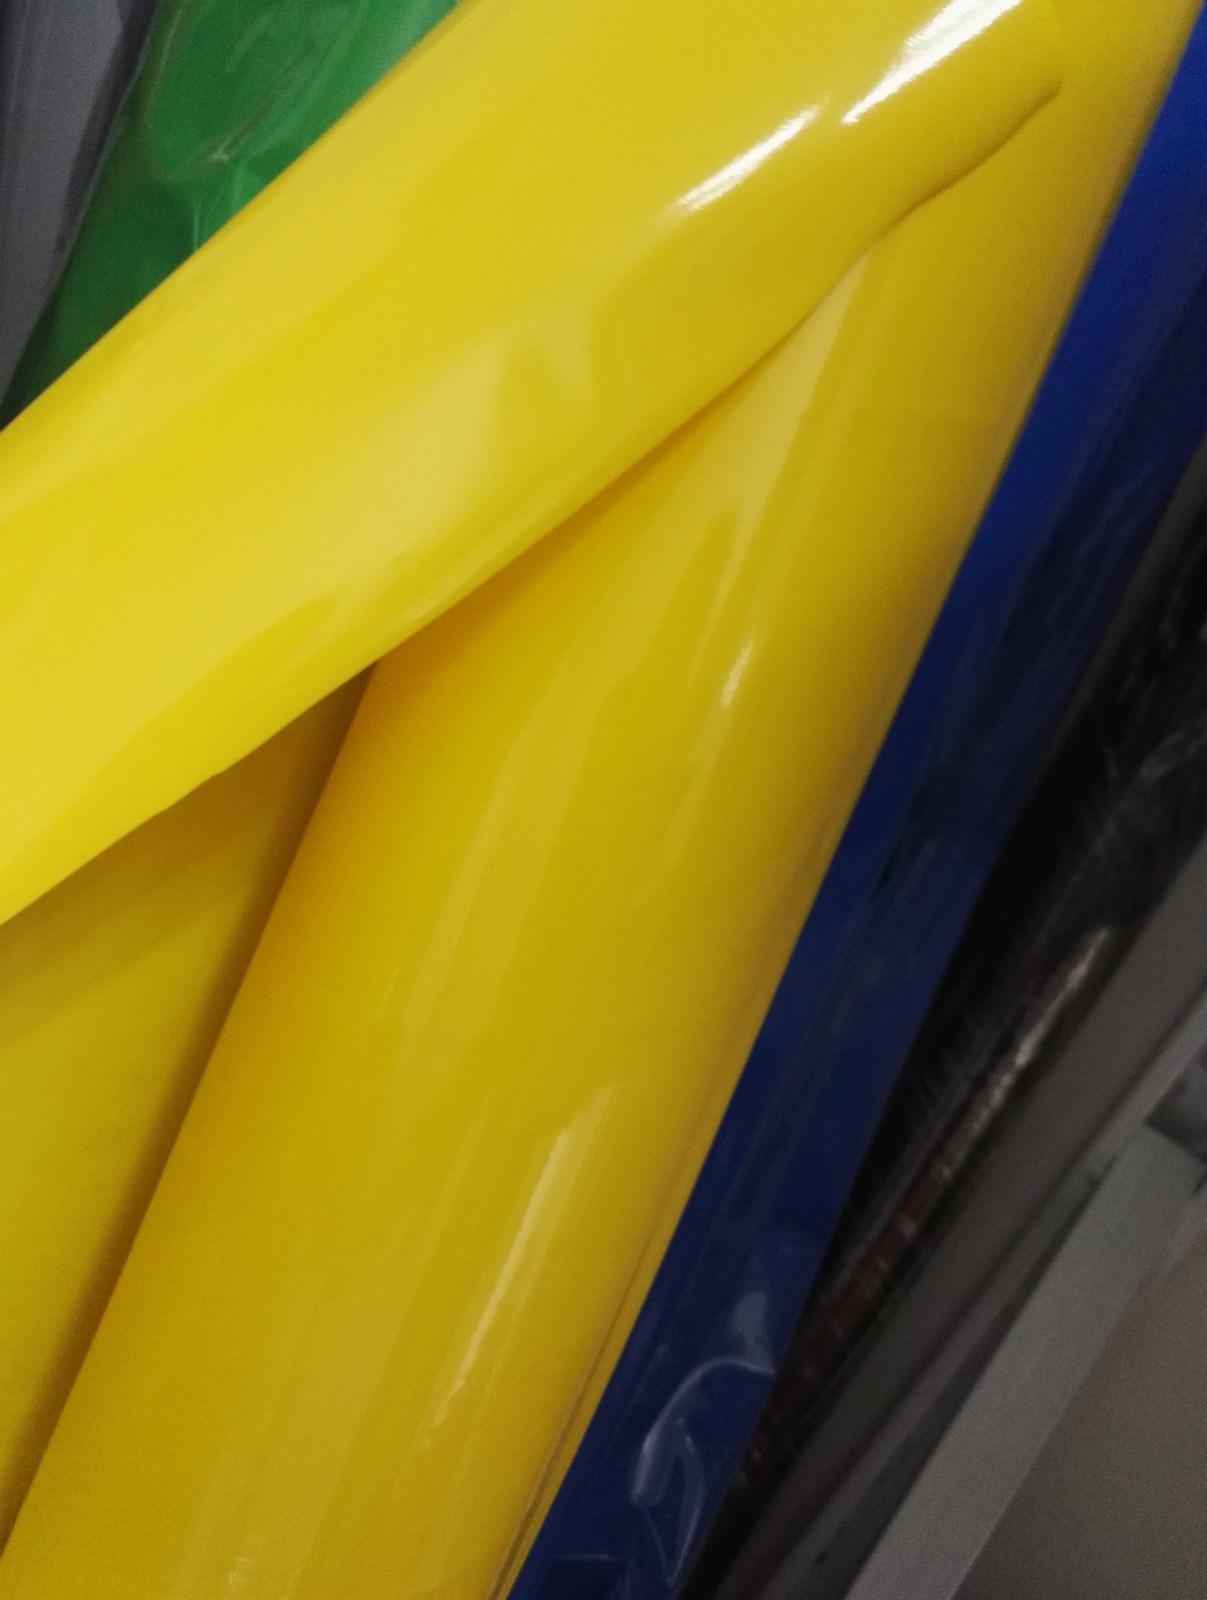 High Gloss PVC Color Film Sheet